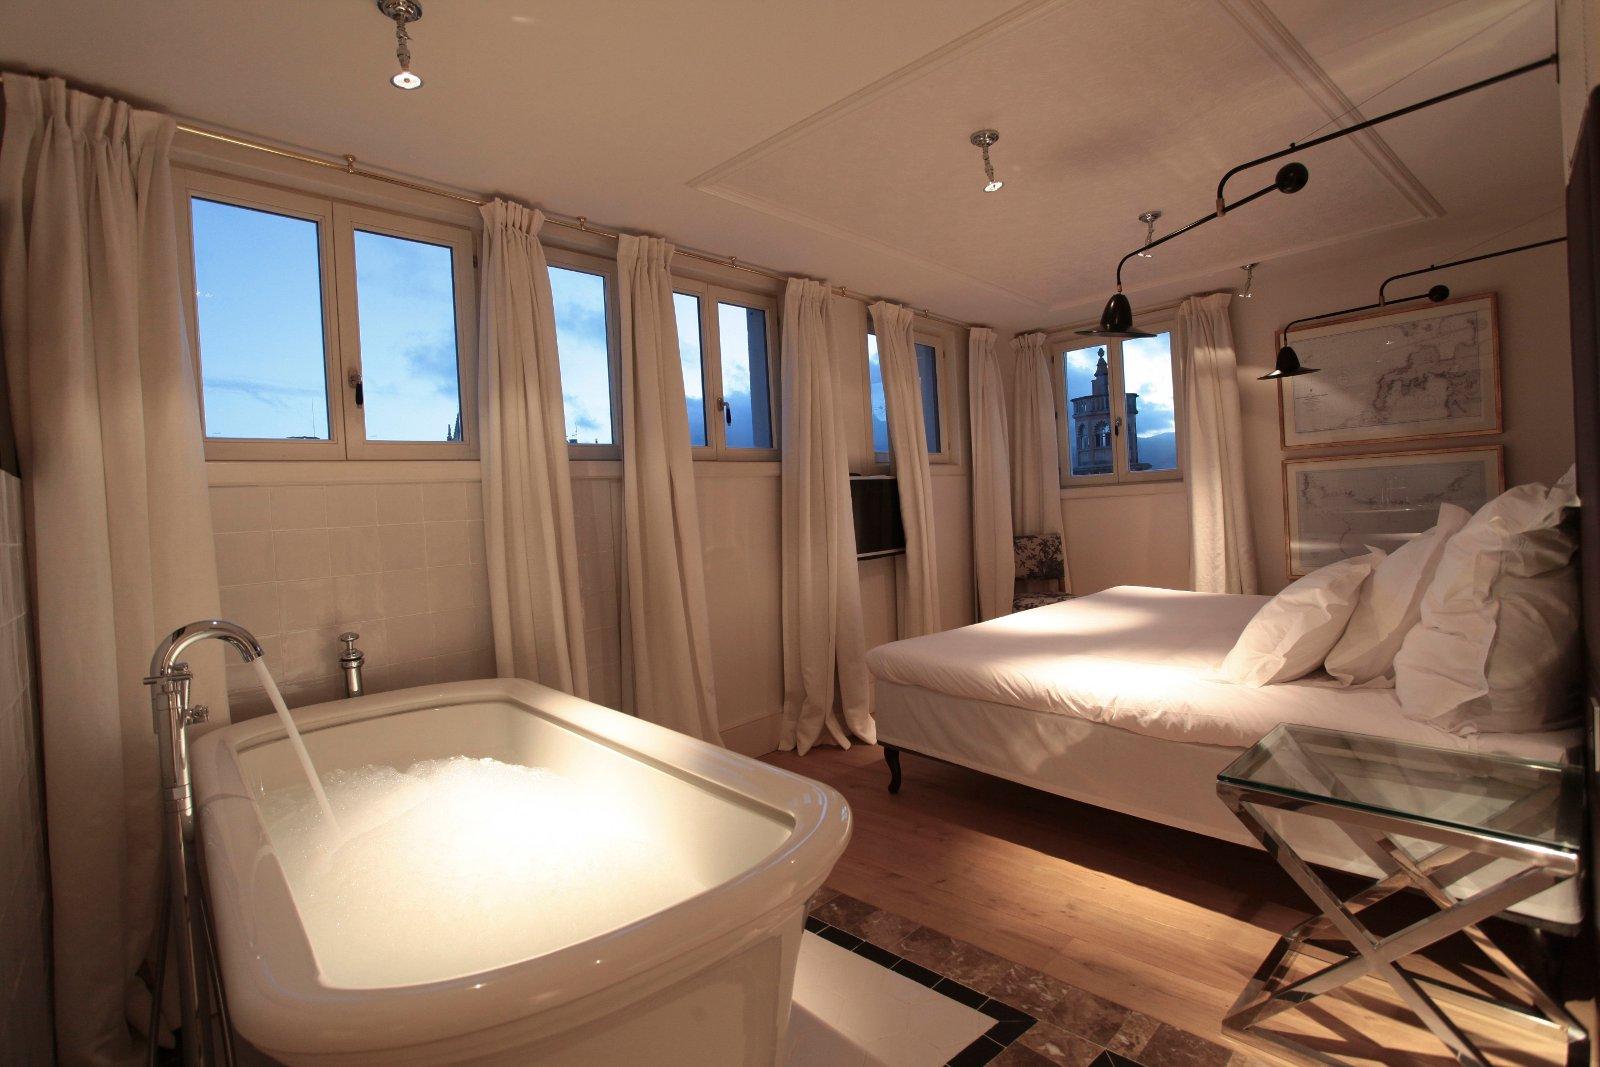 """Erst Party, dann Planschen – Platz für zwei bietet die freistehende Badewanne der """"Island Suite"""" im Hotel Cort in Palma/Mallorca. Bildnachweis: Hotel Cort"""